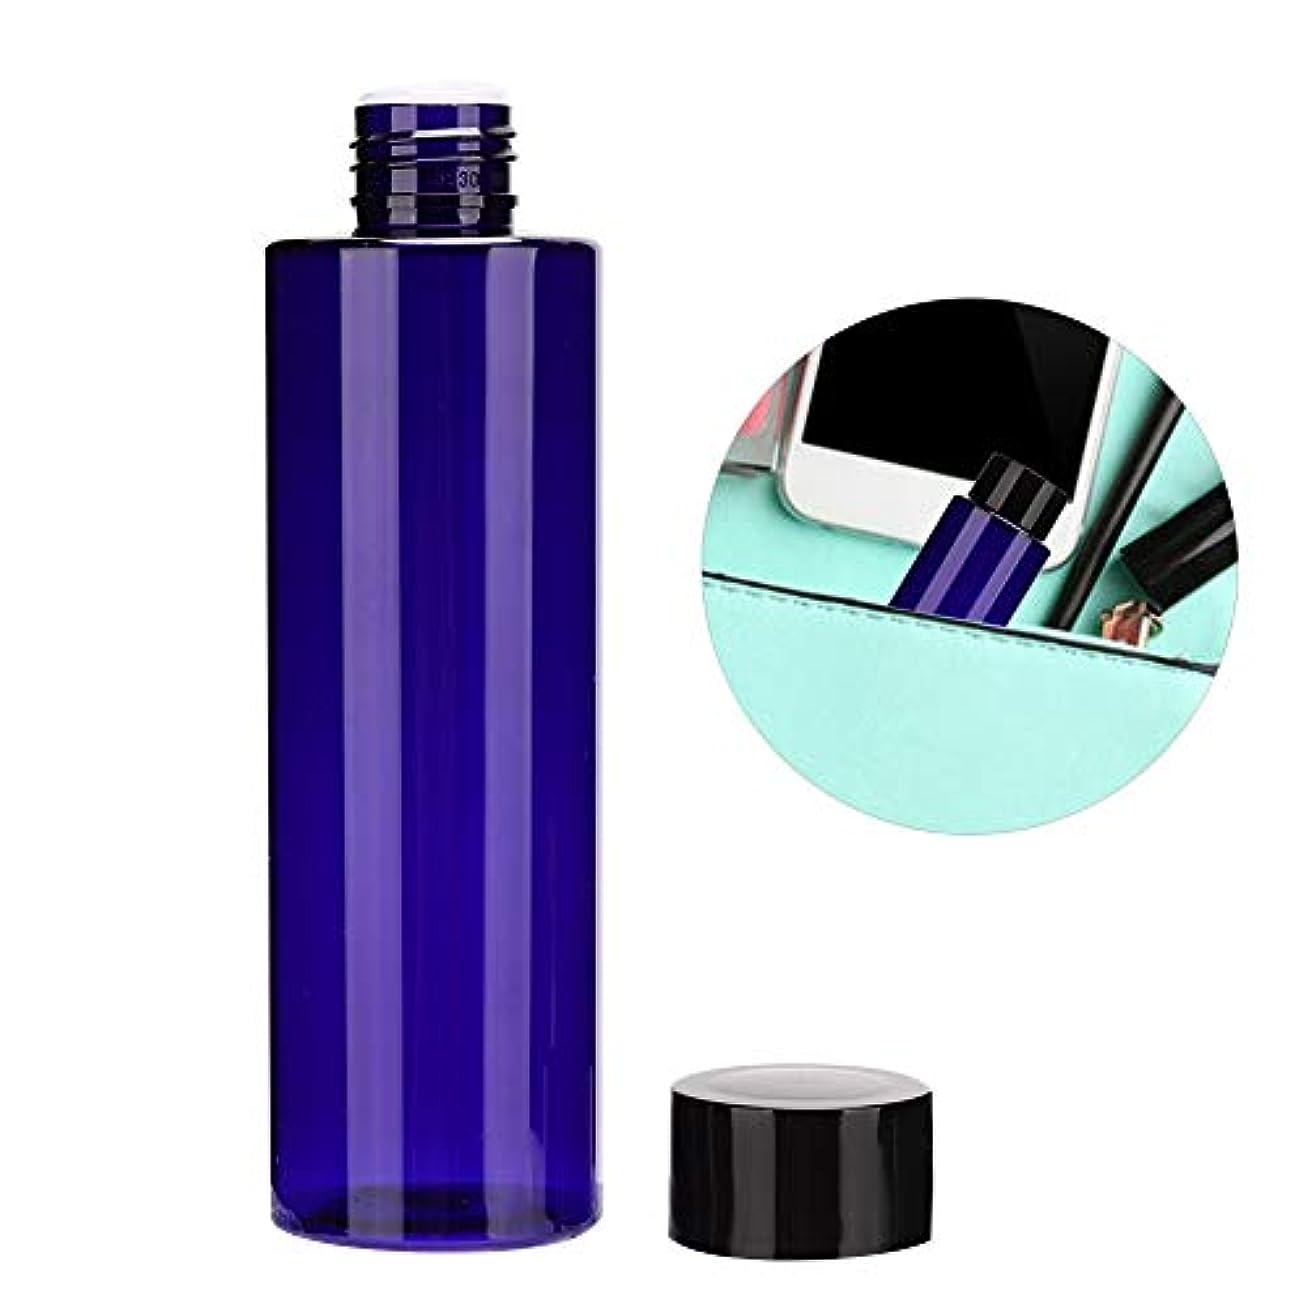 ドーム印をつける捨てる200ML PET 詰め替え 可能な空 液体ボトルローション スキンケア 製品 空の化粧品 トナーコンテナボトル